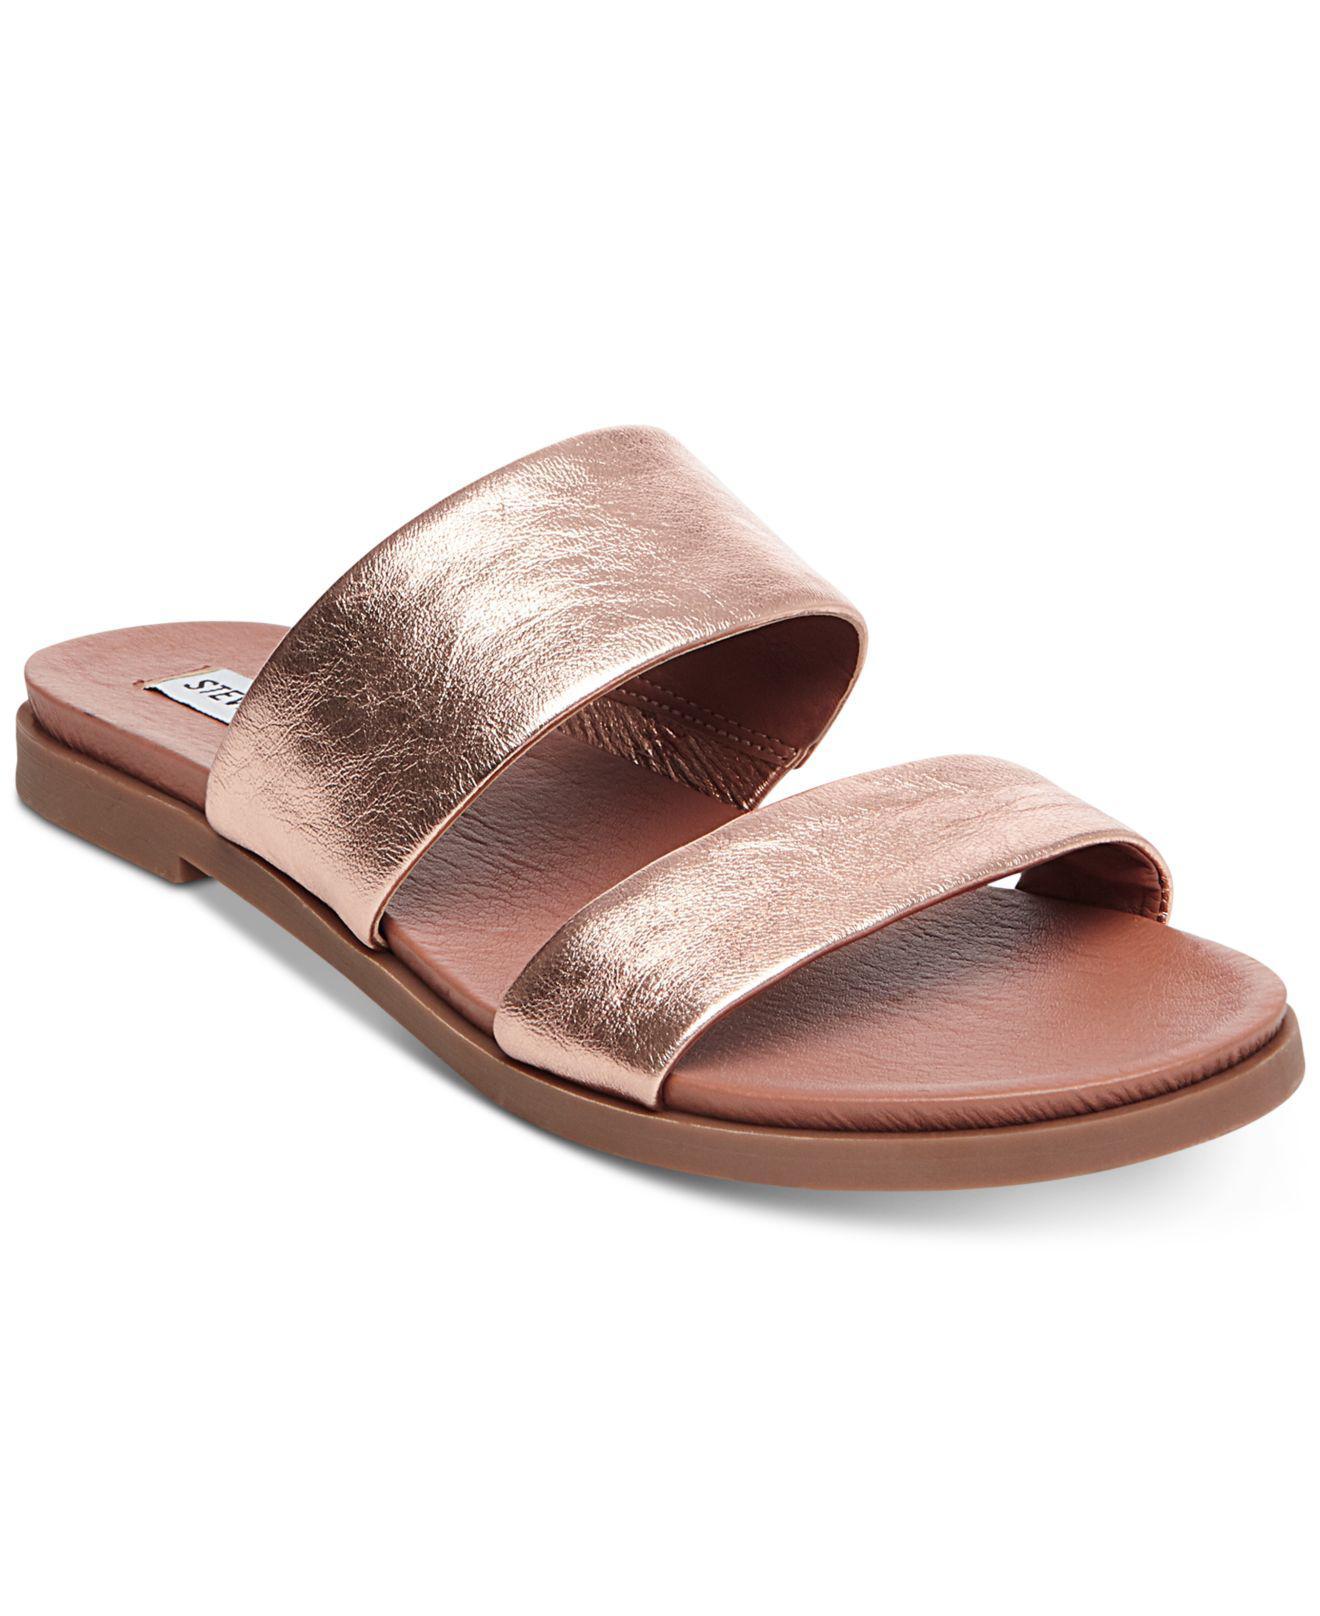 Steve Madden Women's Asher Slide Sandal yg2BDkk2